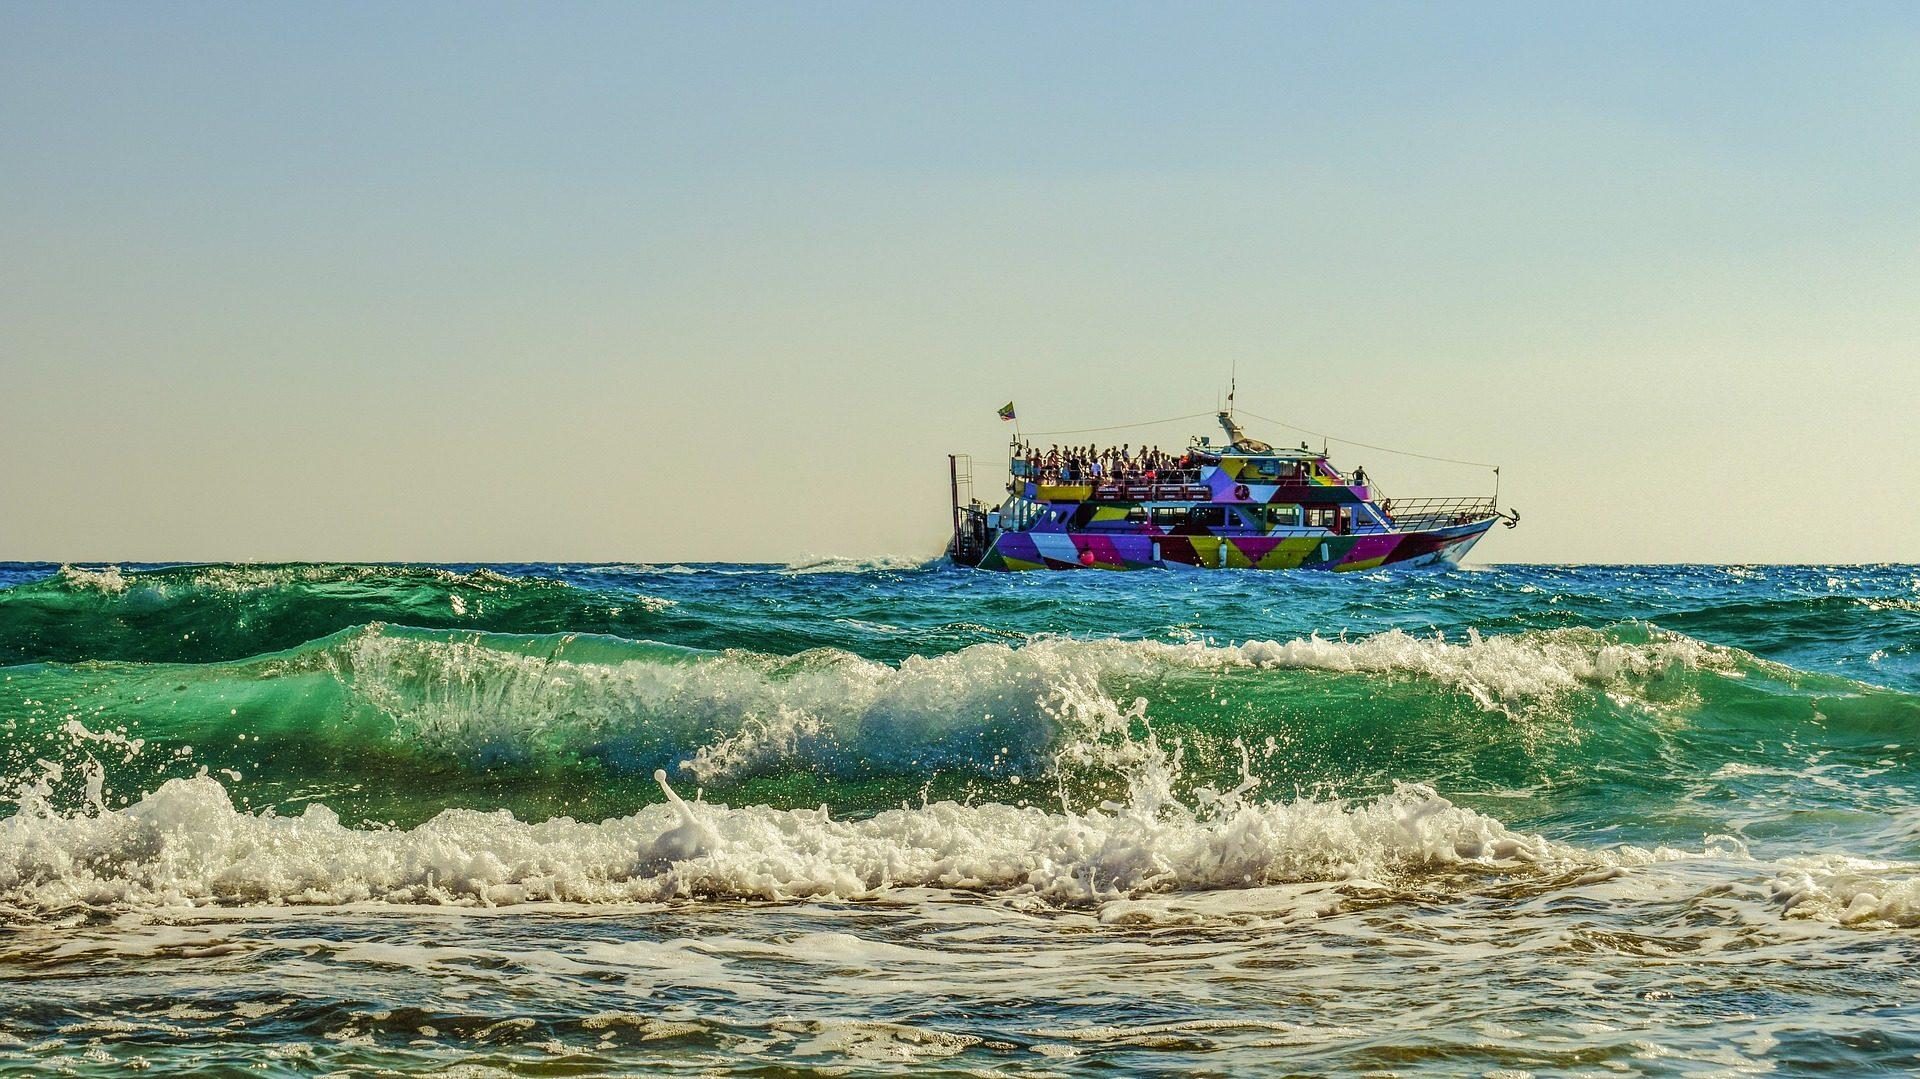 barca, Mare, onde, persone, Turismo, partito - Sfondi HD - Professor-falken.com